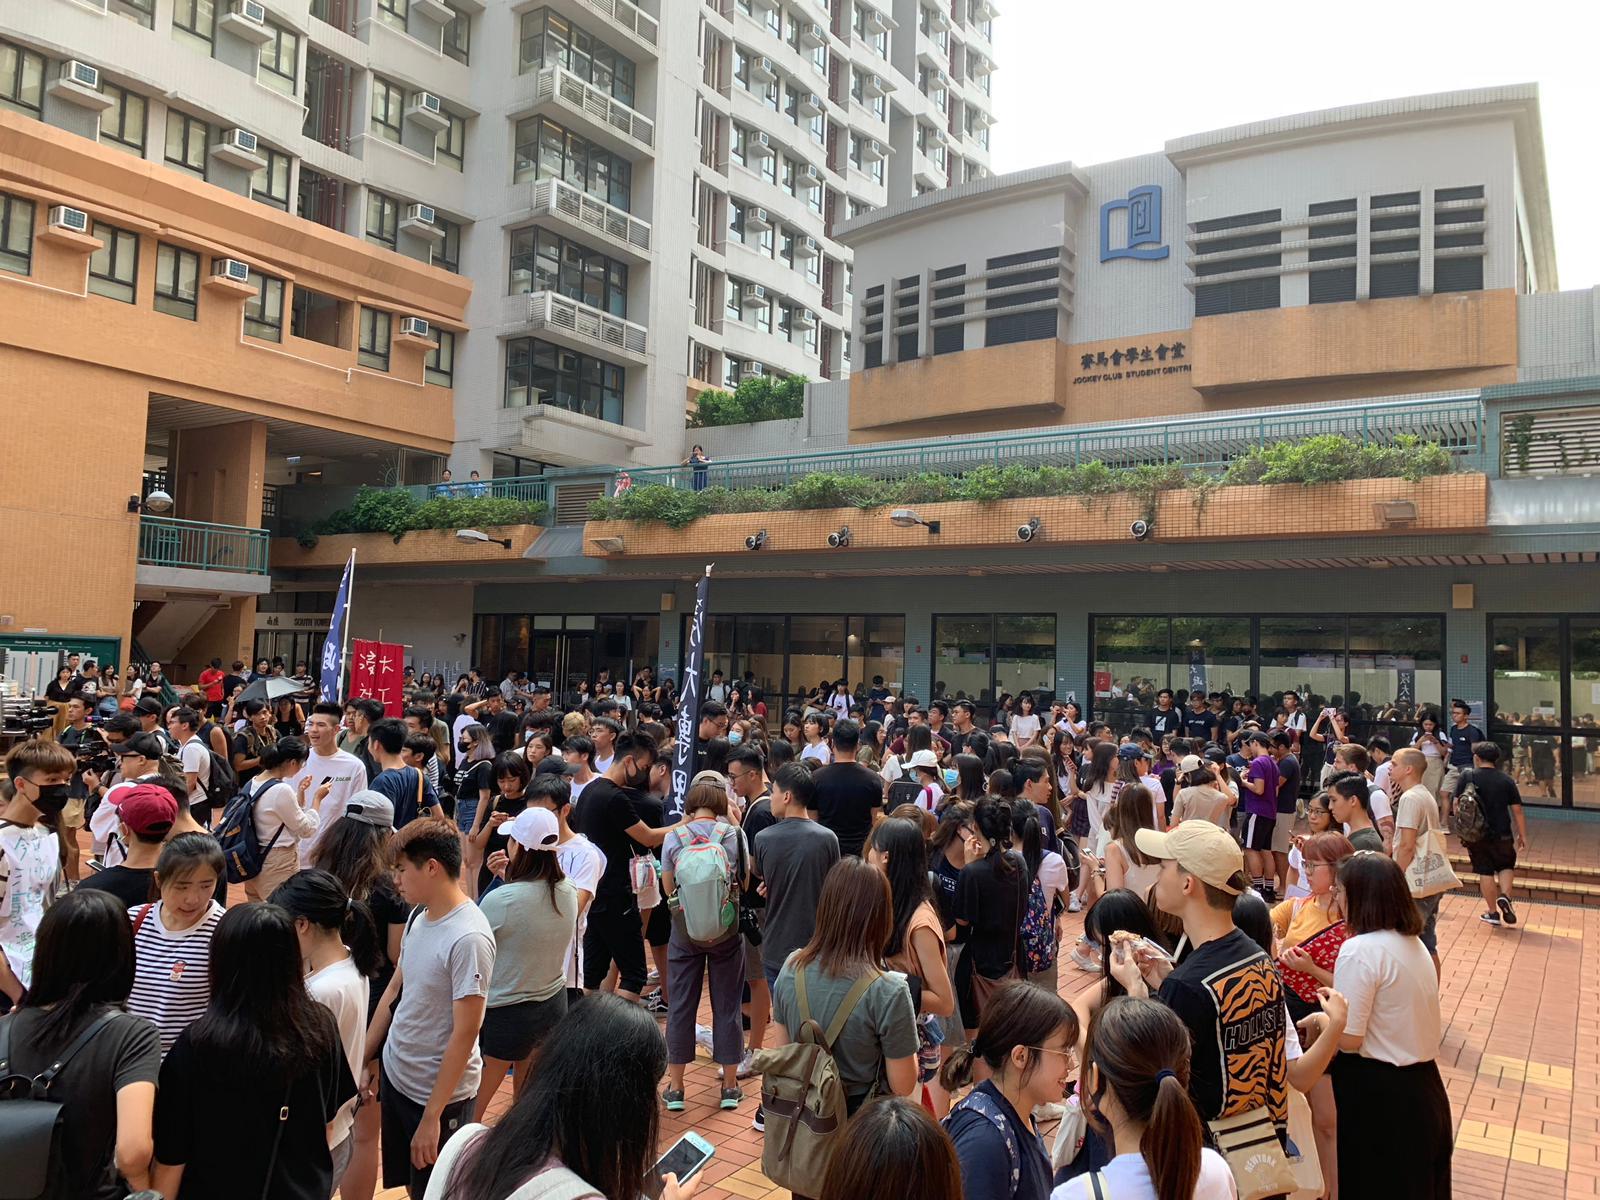 【修例风波】浸大生校内游行声援被捕学生记者 包围校长室要求见钱大康